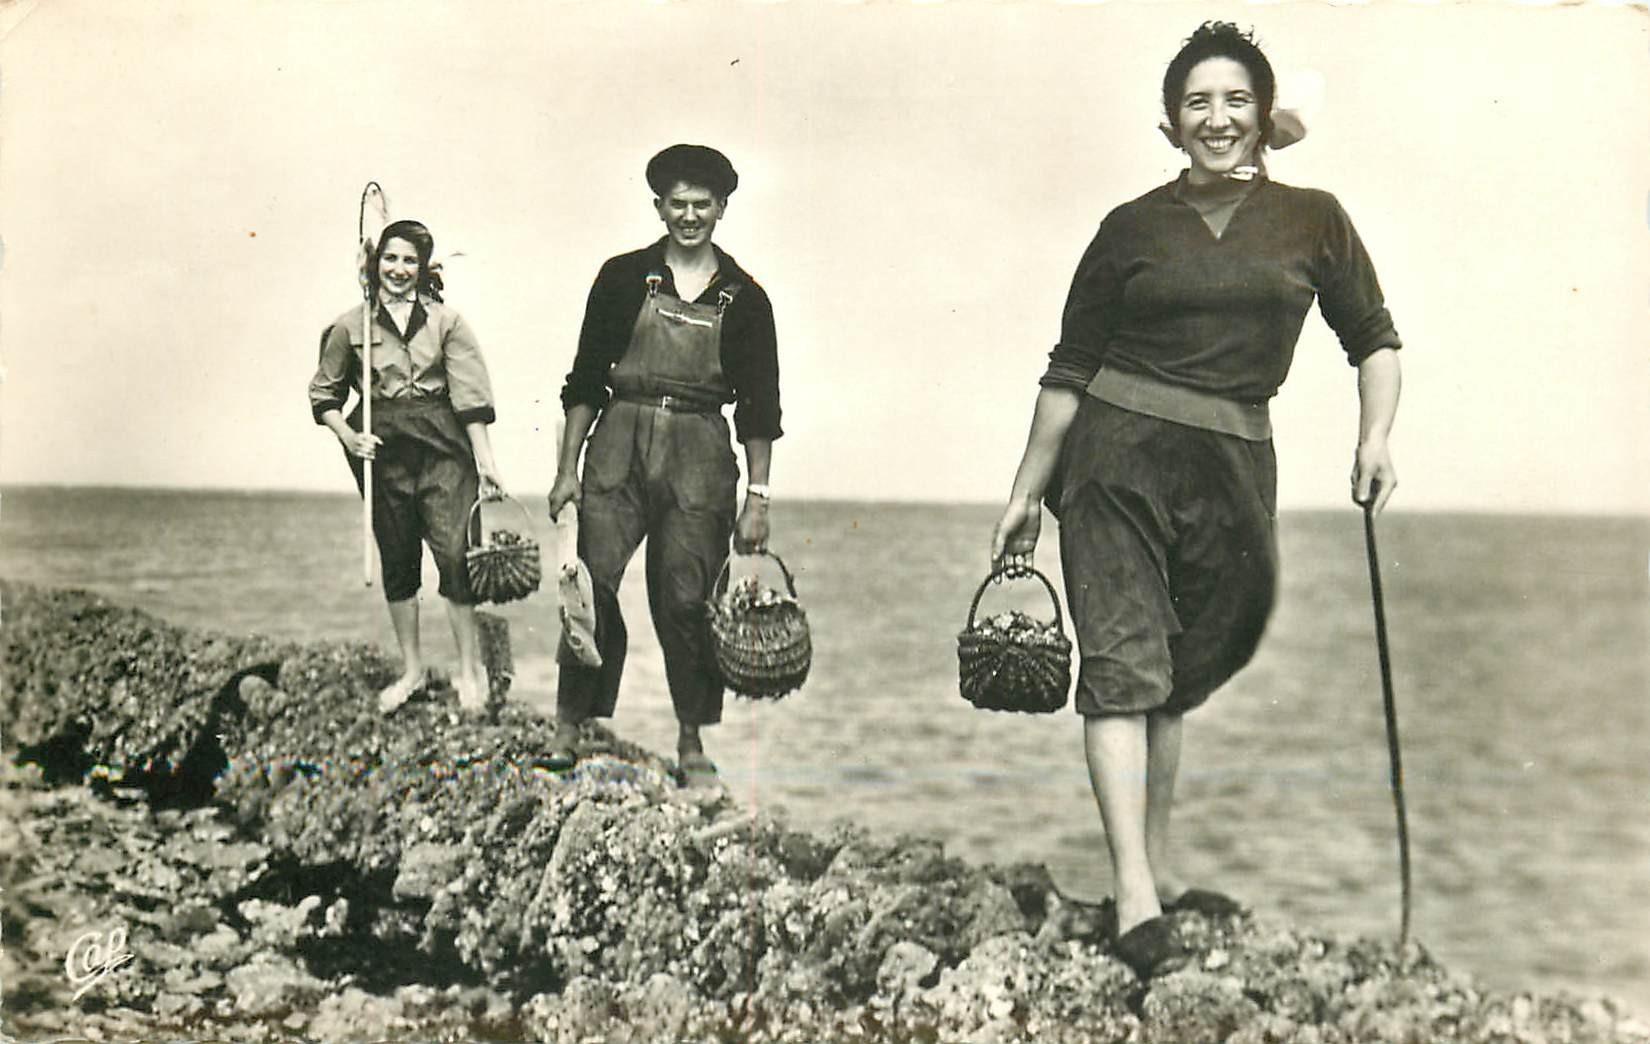 17 ILE DE RE. Jeunes Pêcheuses d'Huîtres photo cpa 1970